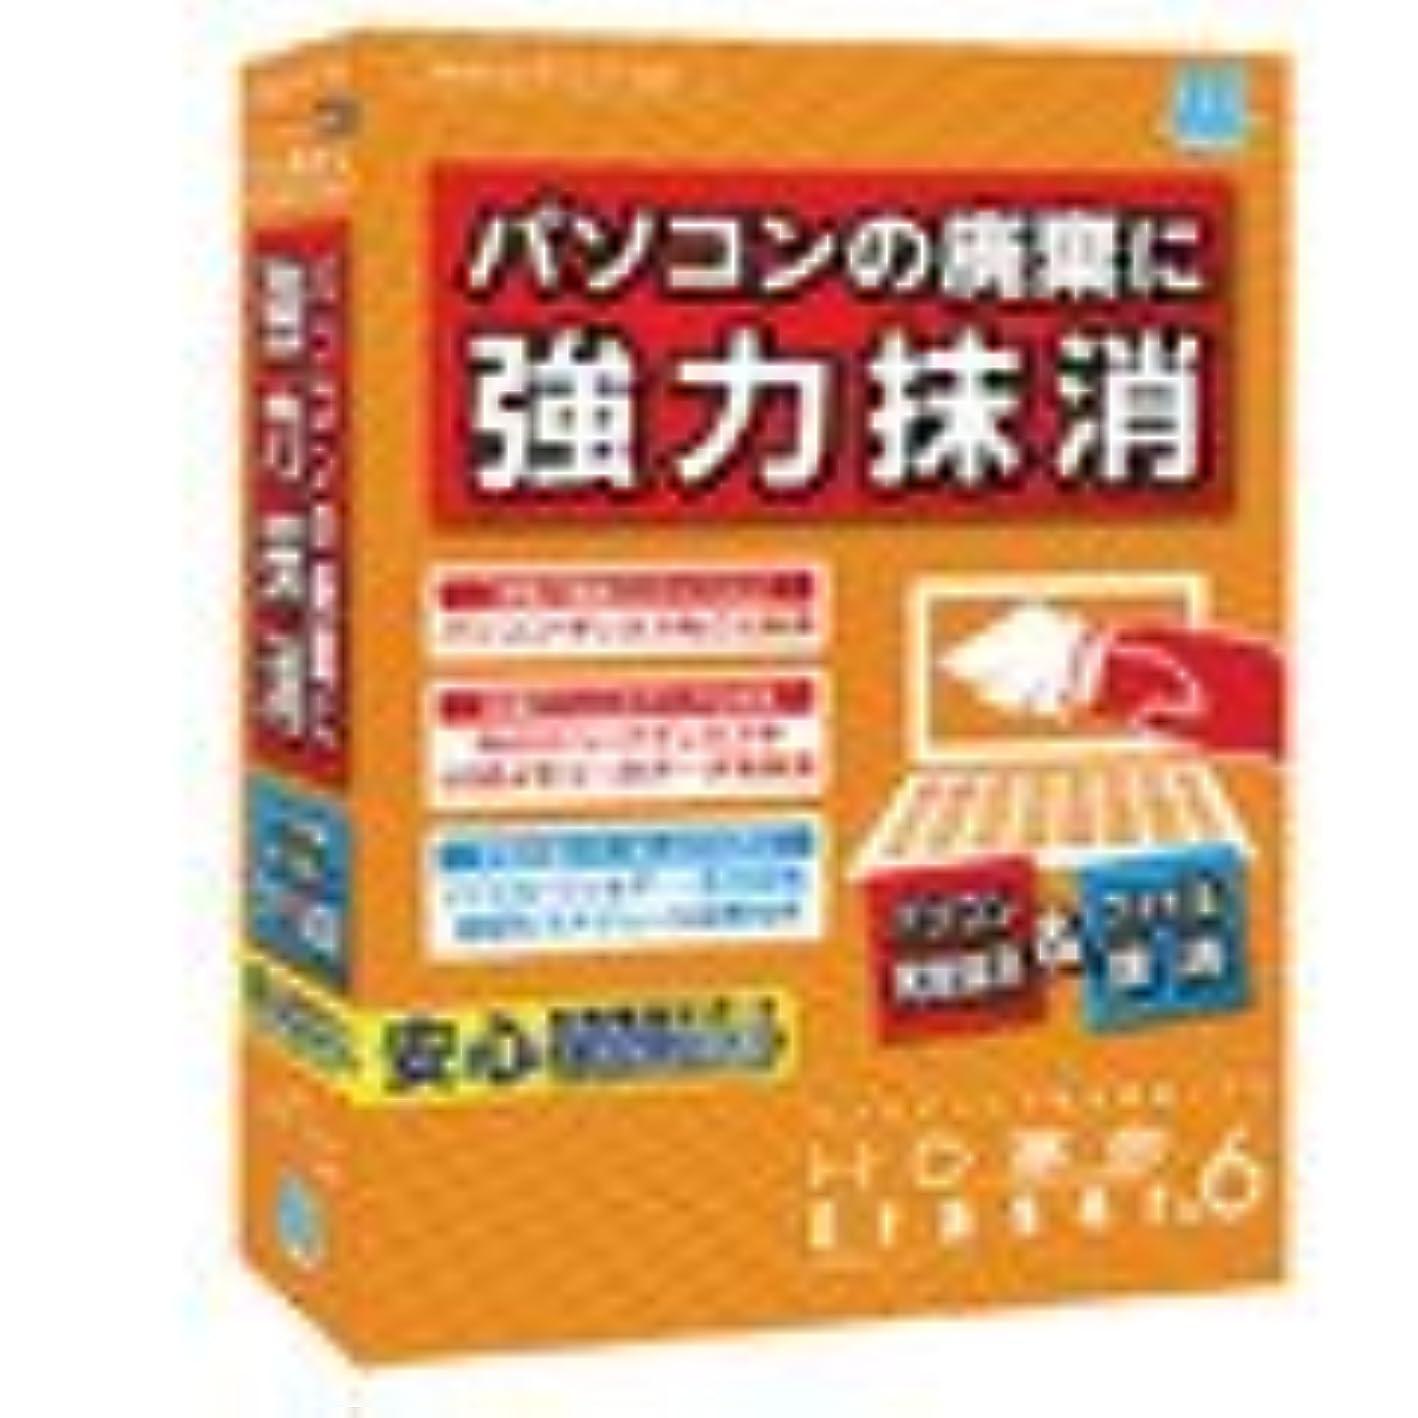 十アルファベット順ヤギHD革命/Eraser Ver.6 パソコン完全抹消&ファイル抹消 通常版